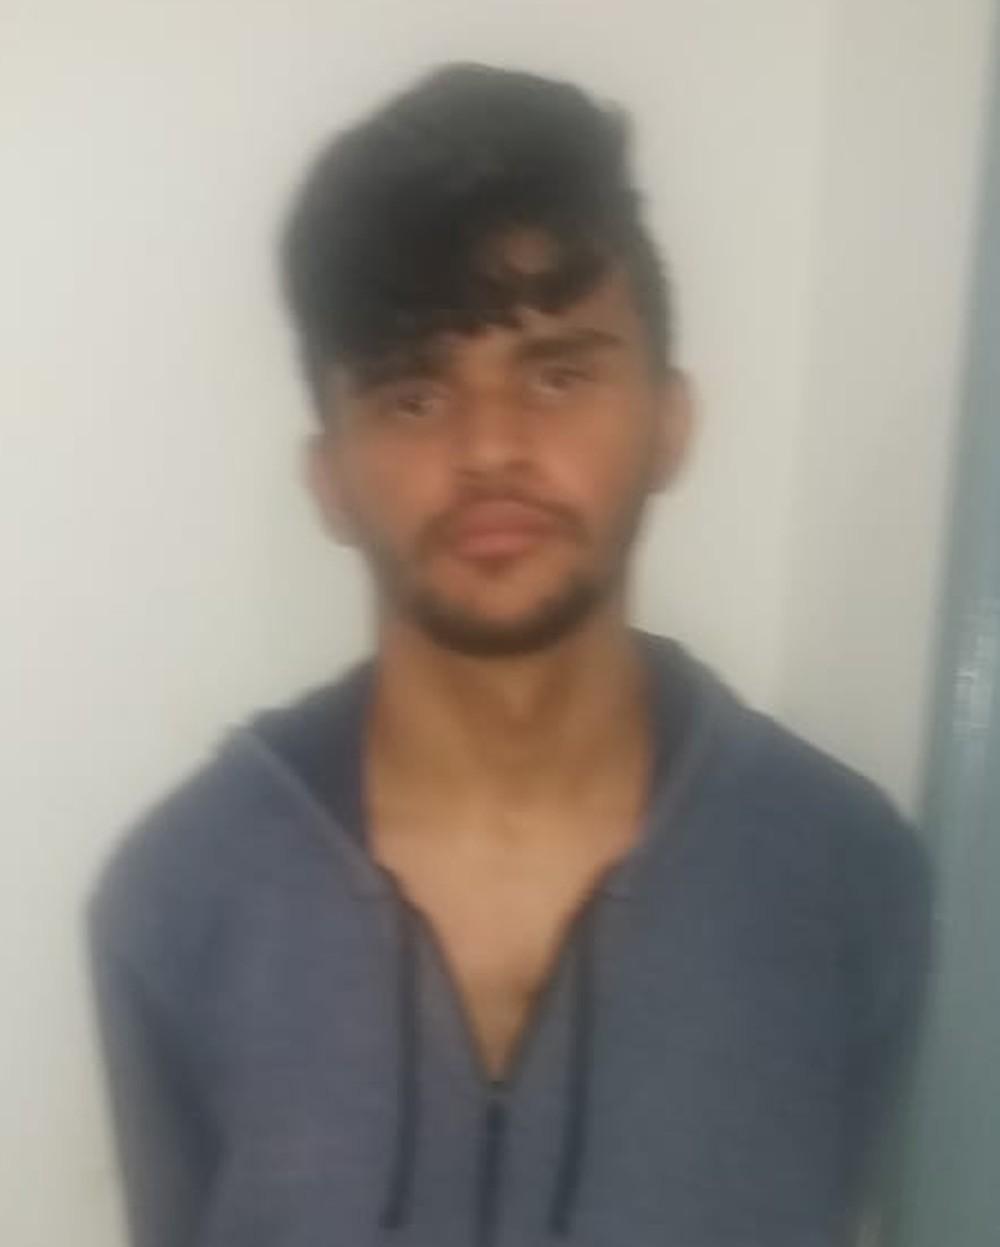 Paulo Ricardo Lima, de 18 anos, não aceitava o fim do relacionamento e resolveu invadir uma sala de aula armado